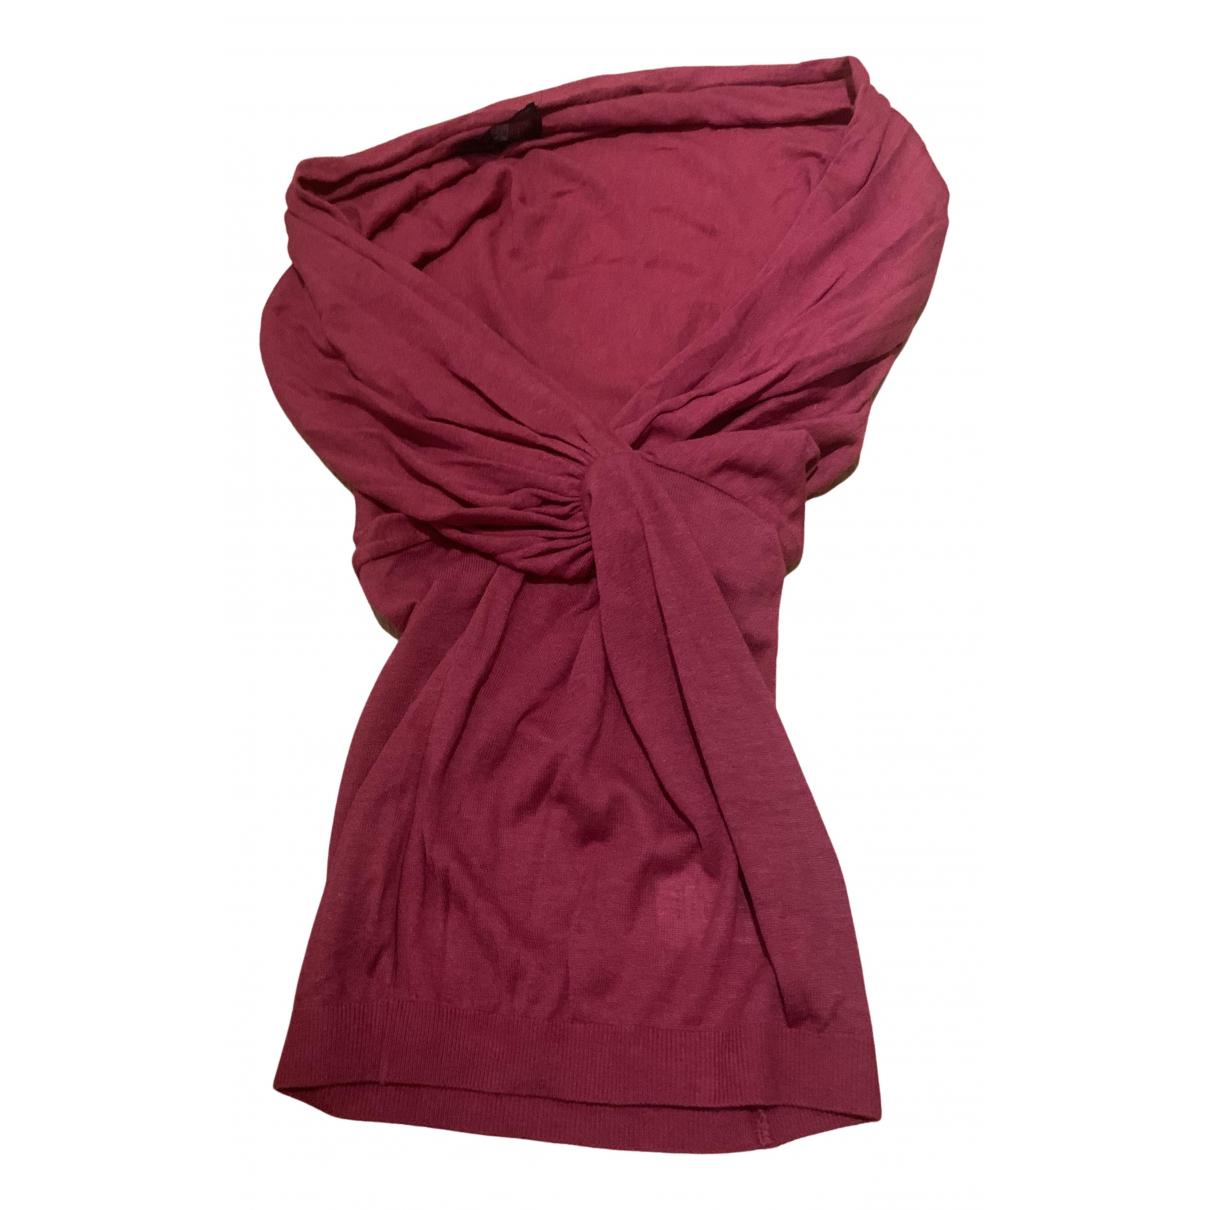 Giambattista Valli N Pink Wool Knitwear for Women 40 FR